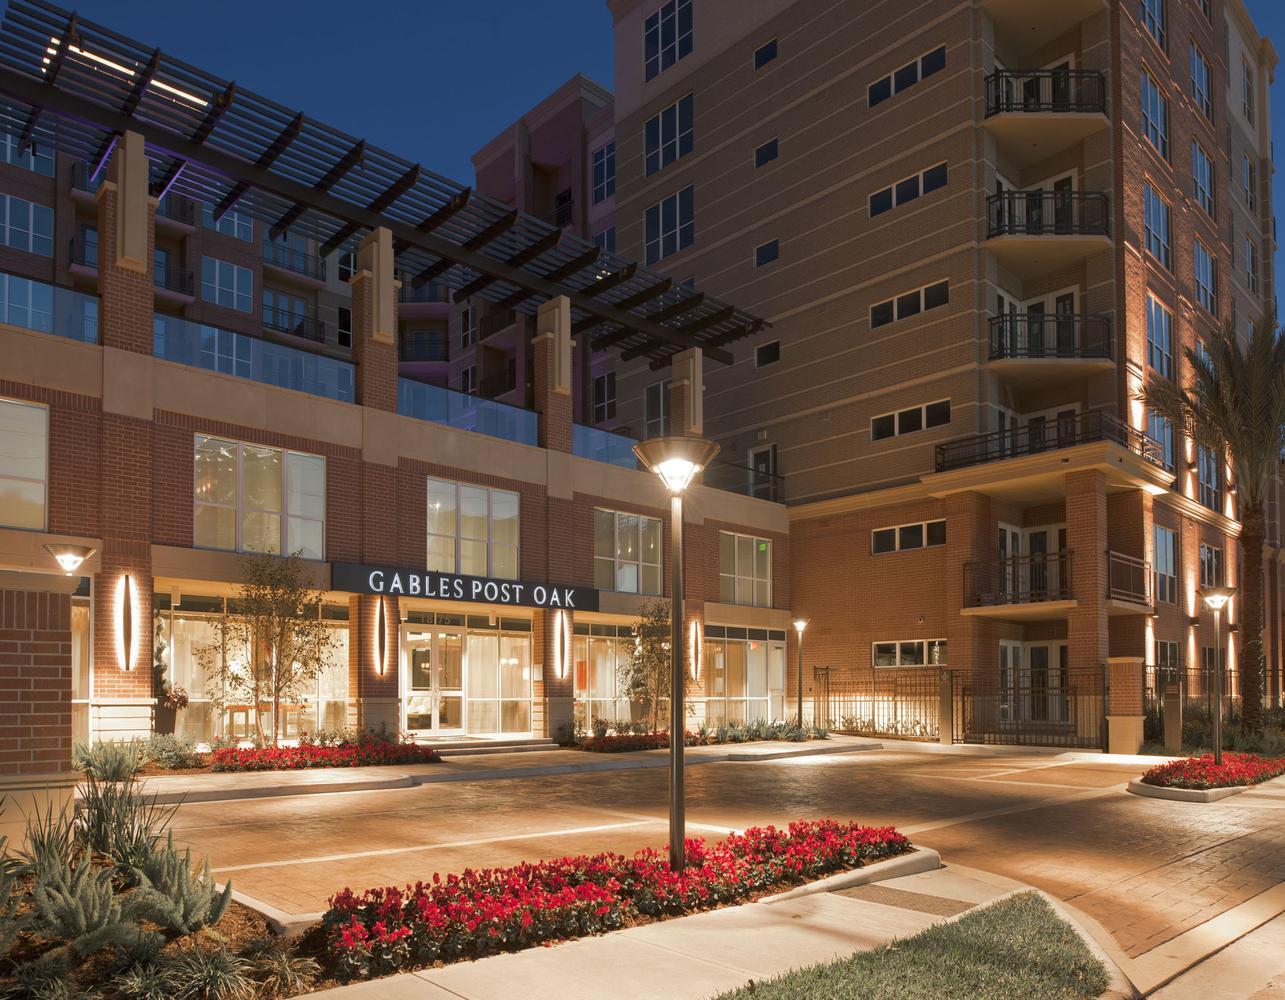 Gables Post Oak | Gables Residential Communities